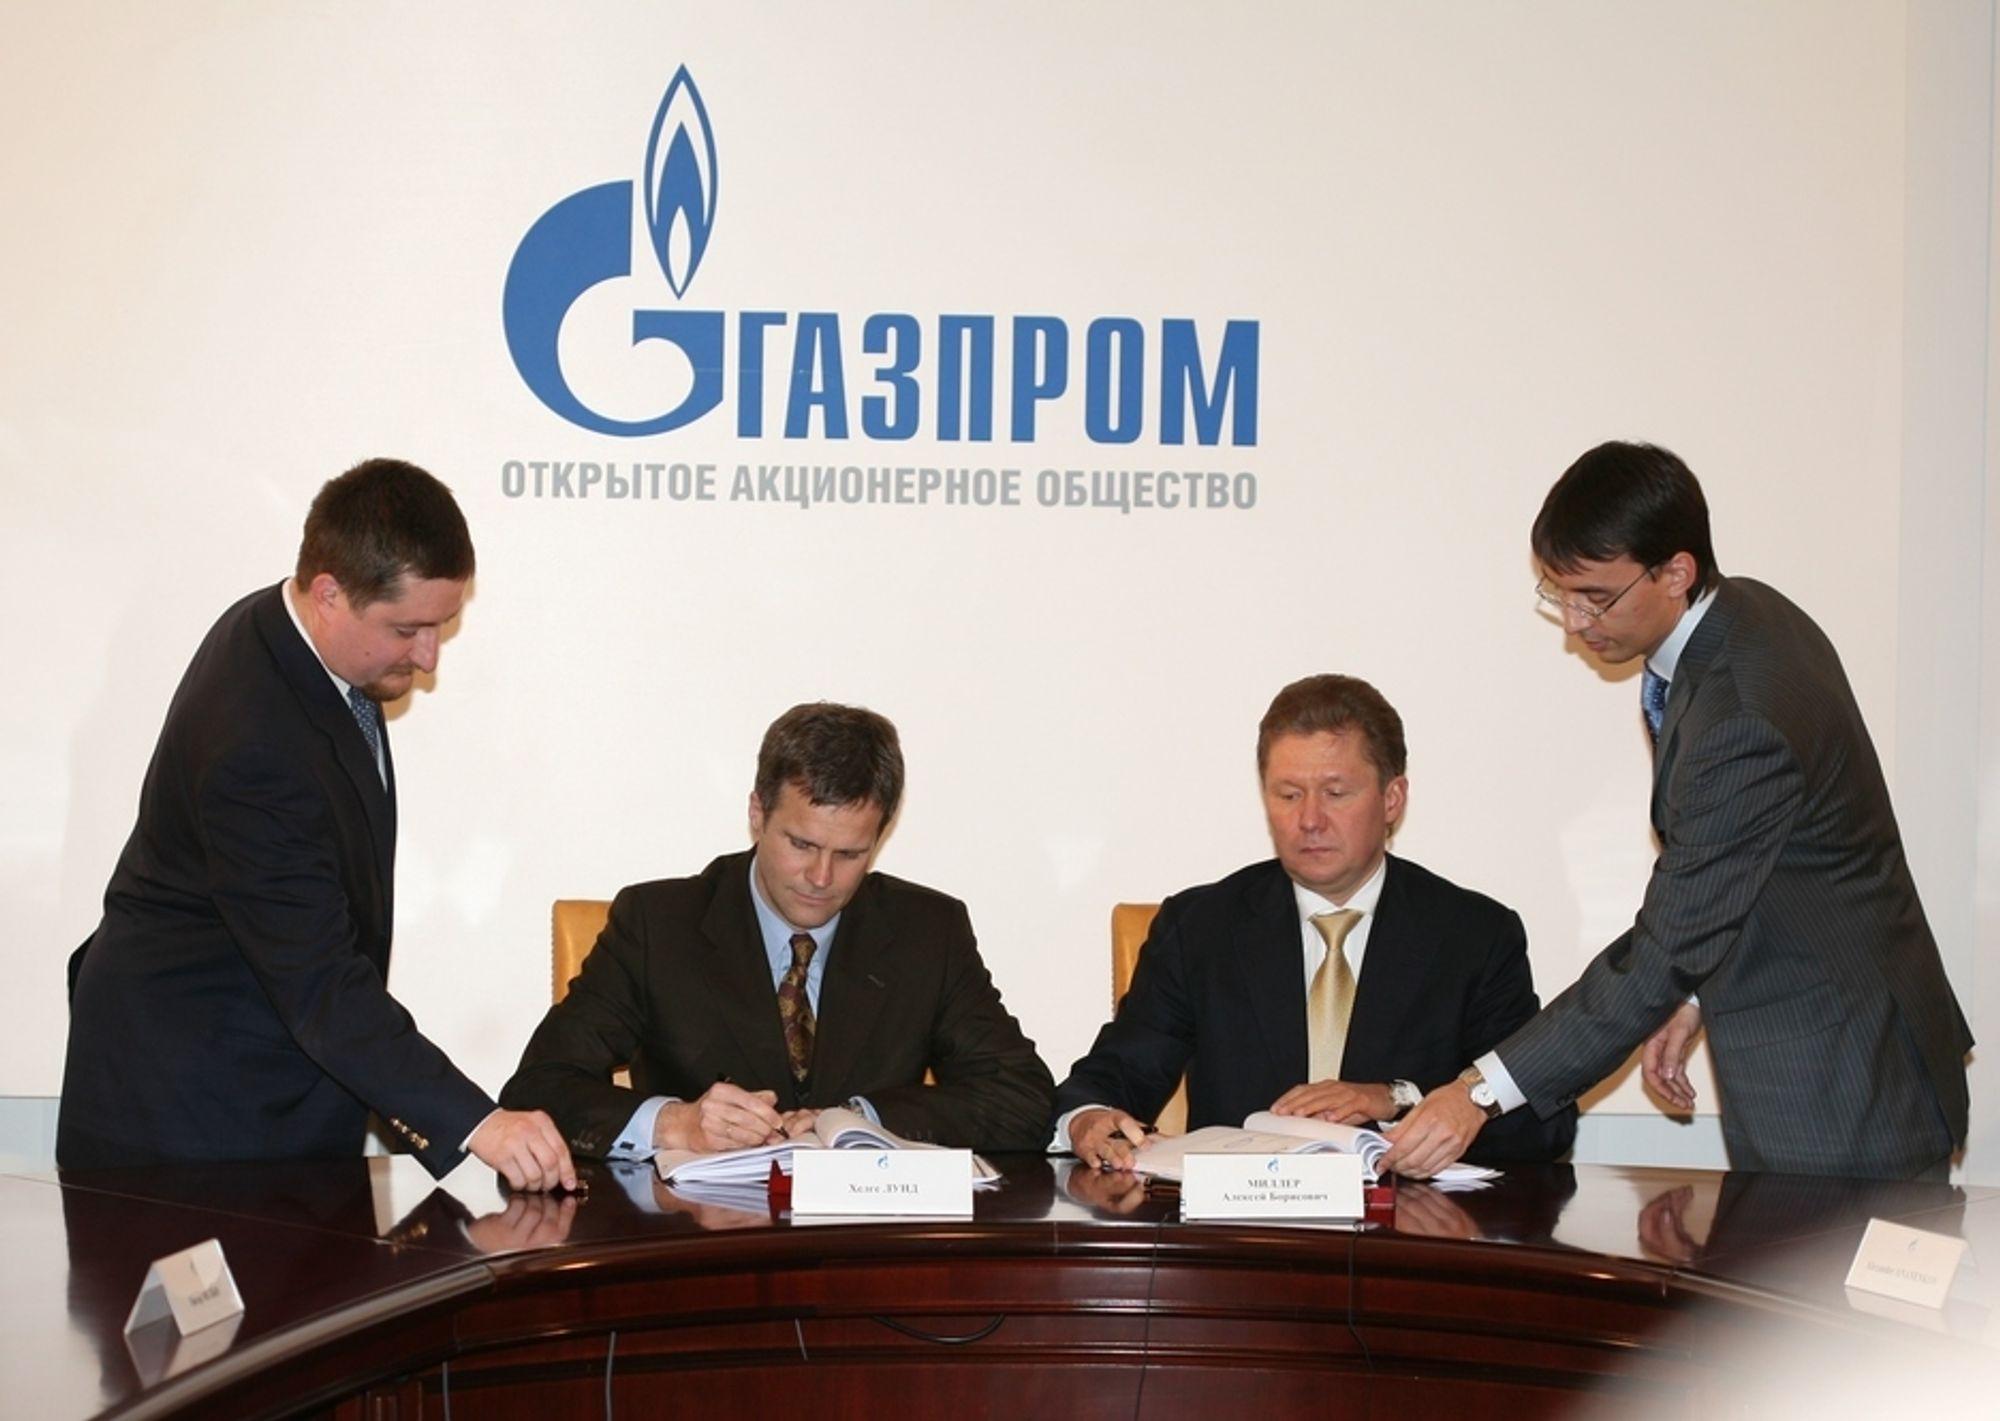 Helge Lund fra Statoil undertegner avtalen med Gazprom, men siden har det blitt vanskelig.